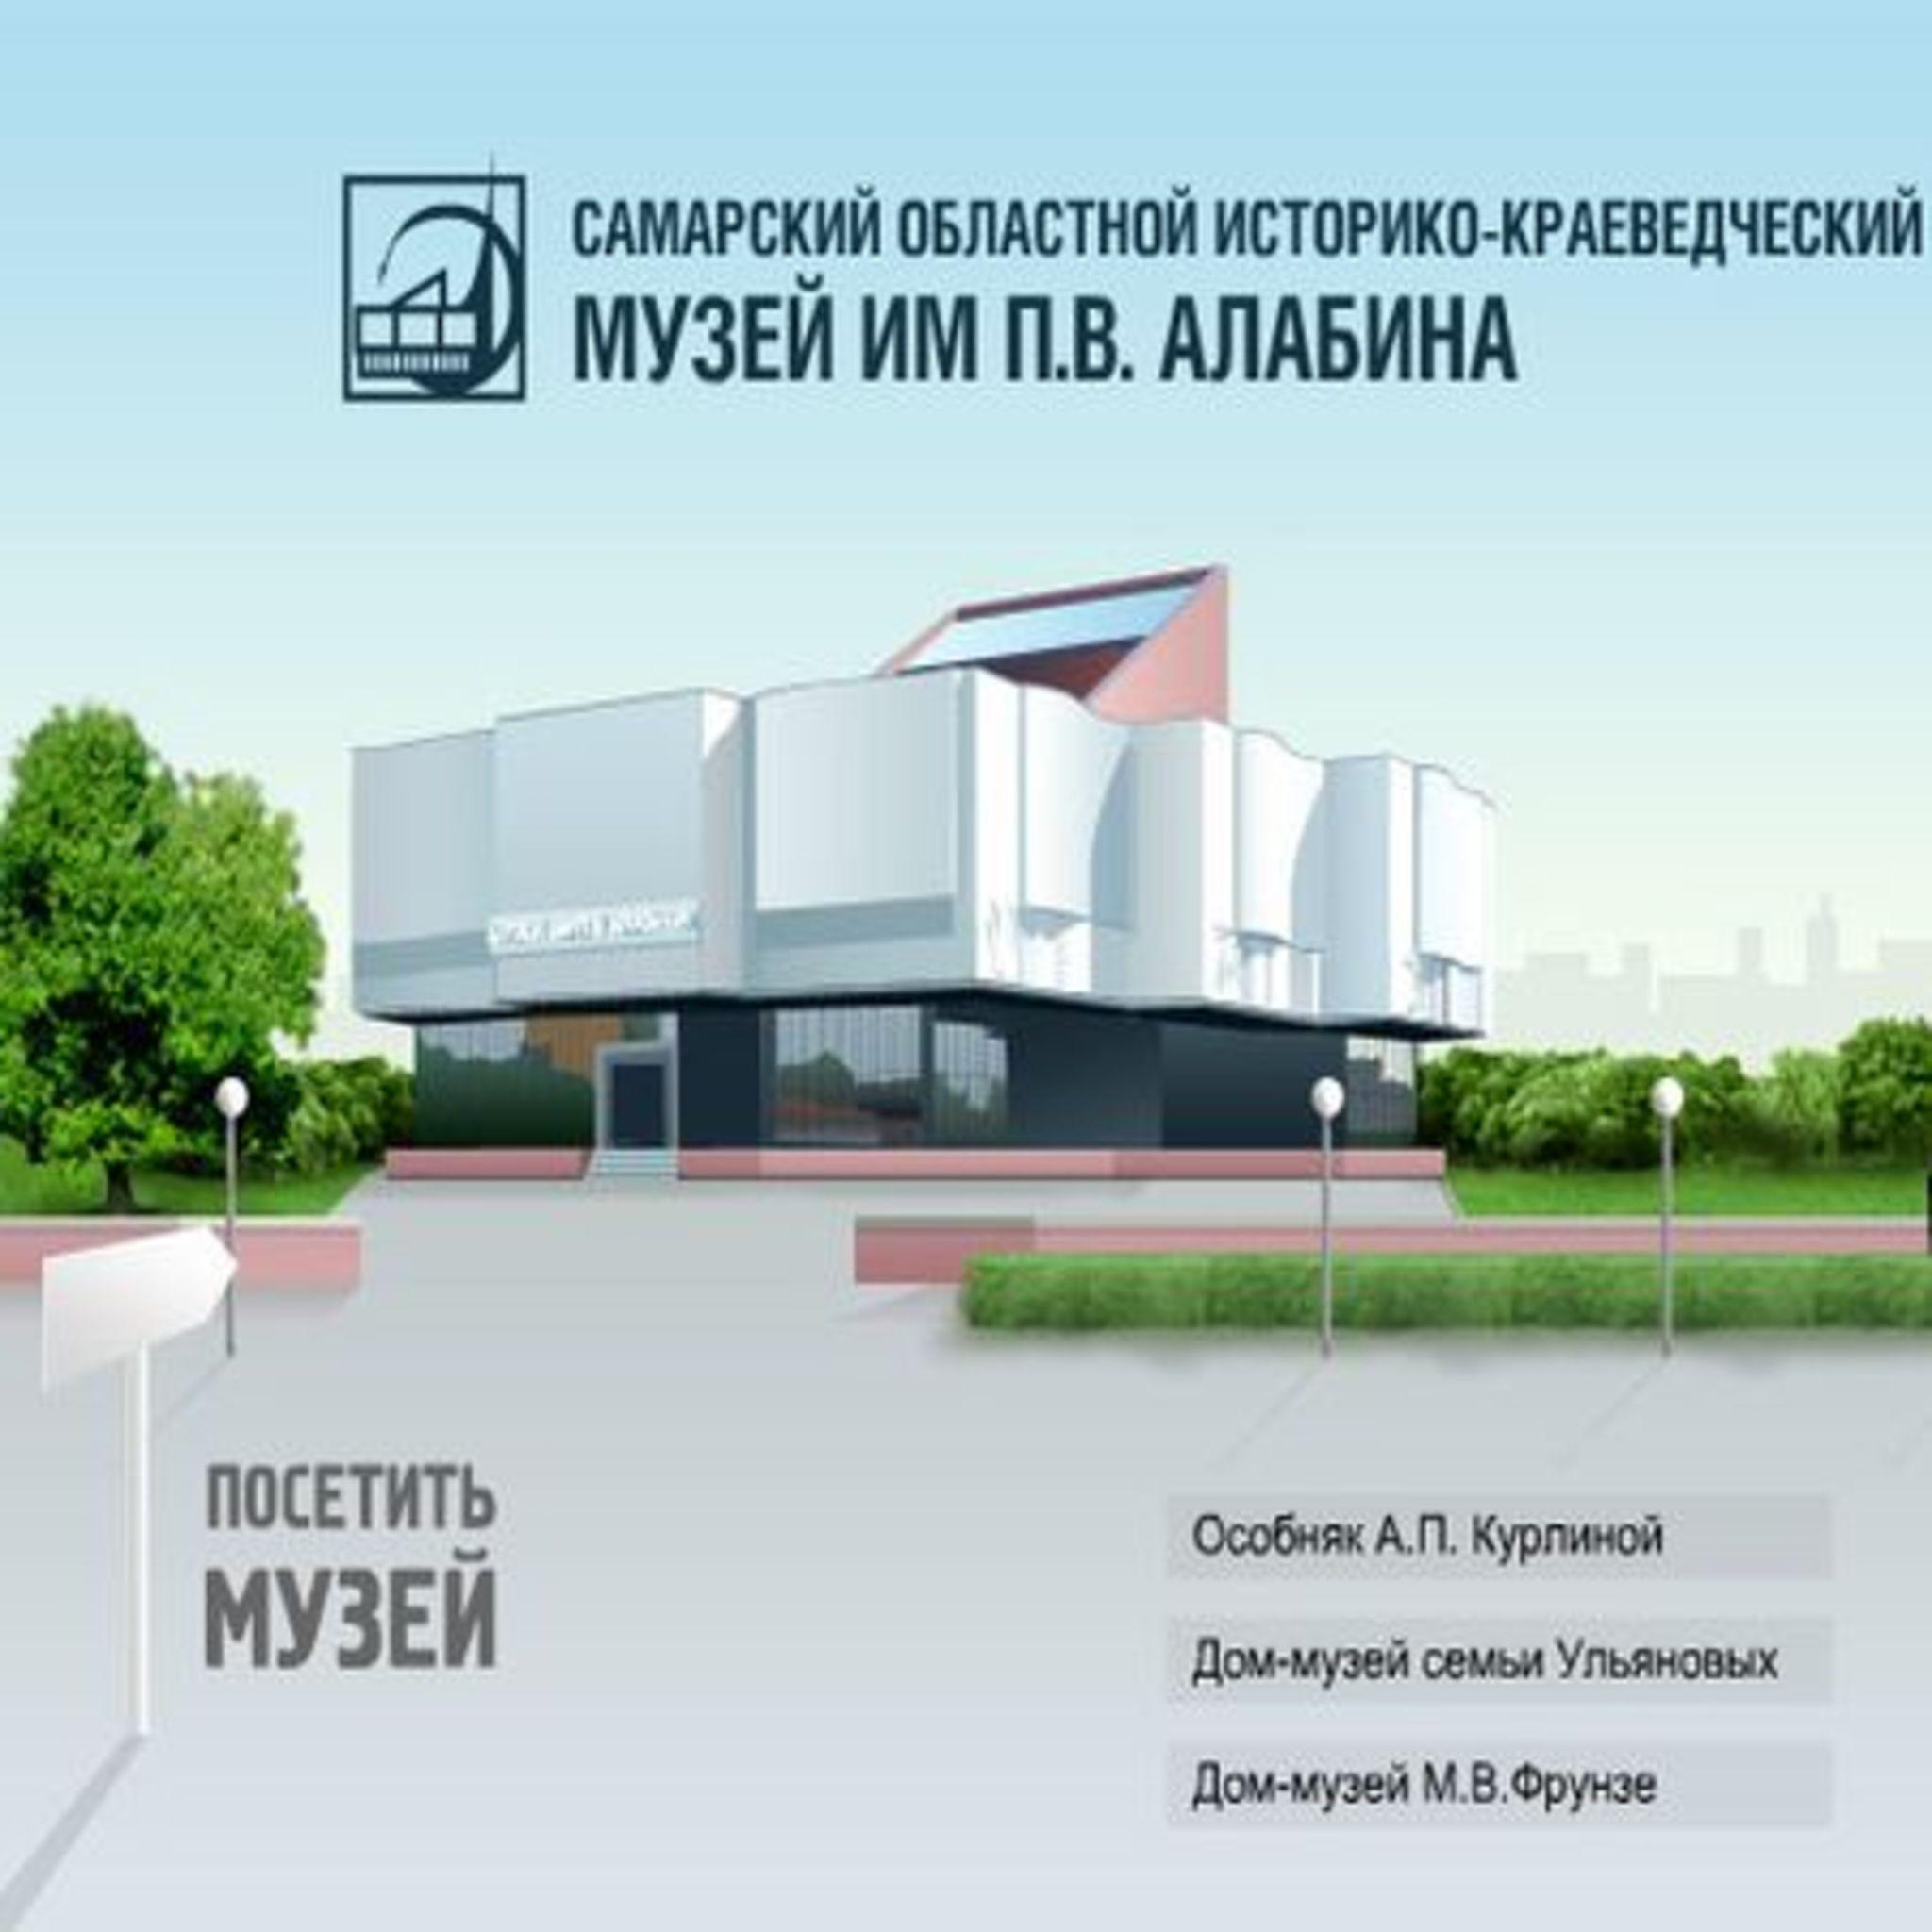 Samara Regional History Museum. P.V.Alabina